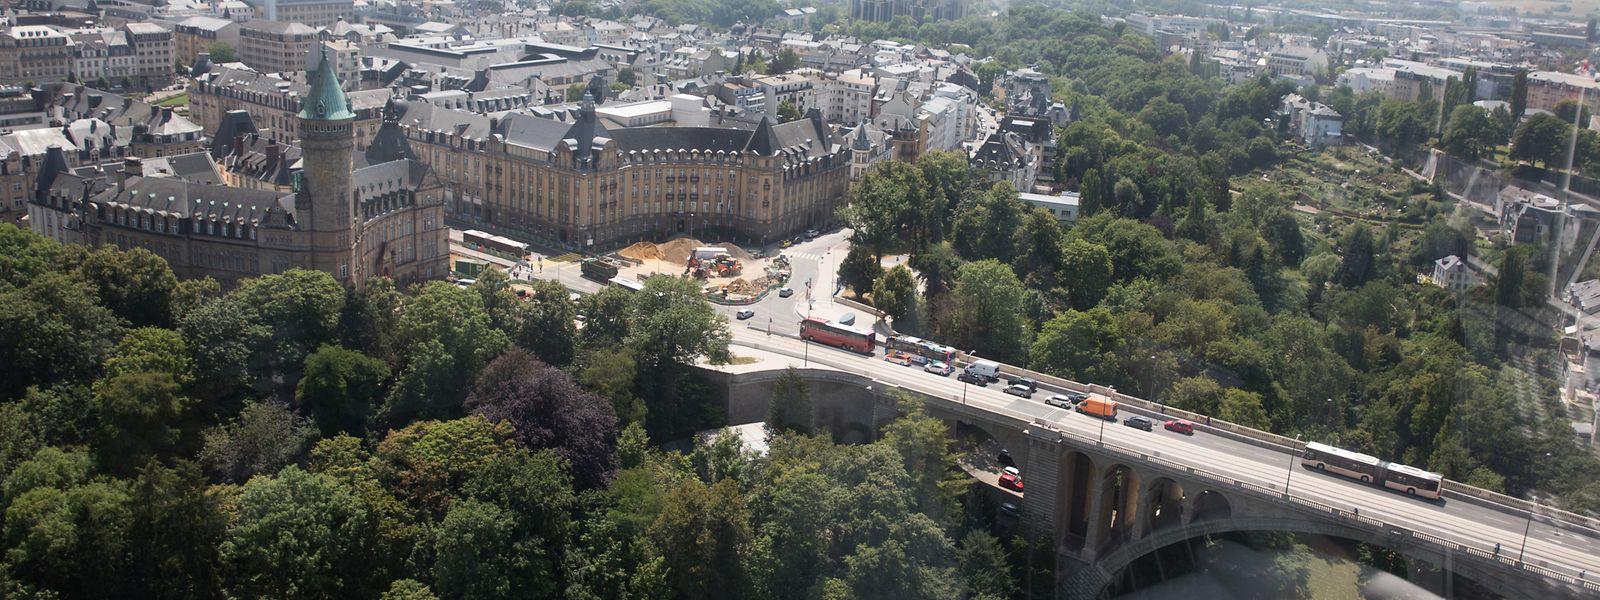 Wer den Pont Adolphe und die Sparkasse von oben sehen will, dem empfiehlt sich eine Fahrt mit dem City Skyliner auf der Place de la Constitution.